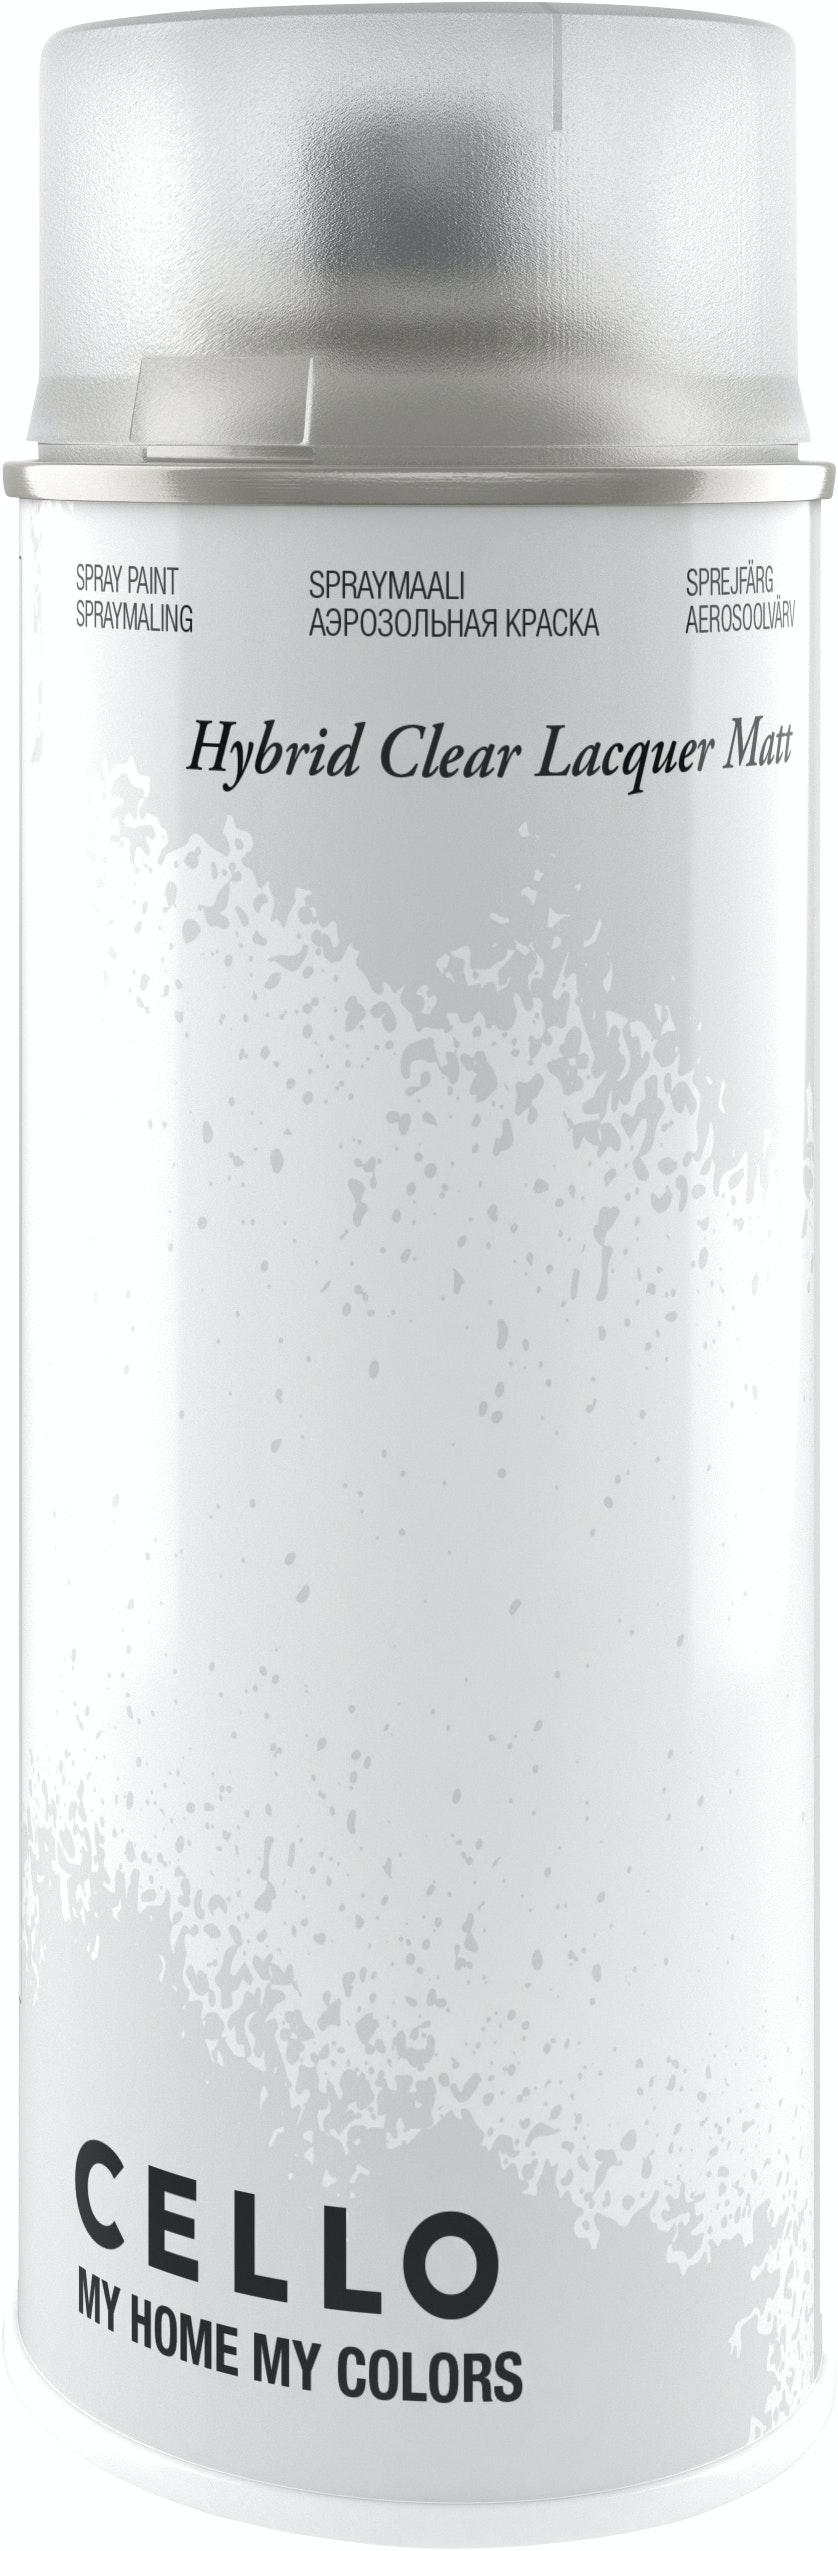 Sprayfärg Cello Hybrid Klarlack Matt 400ml